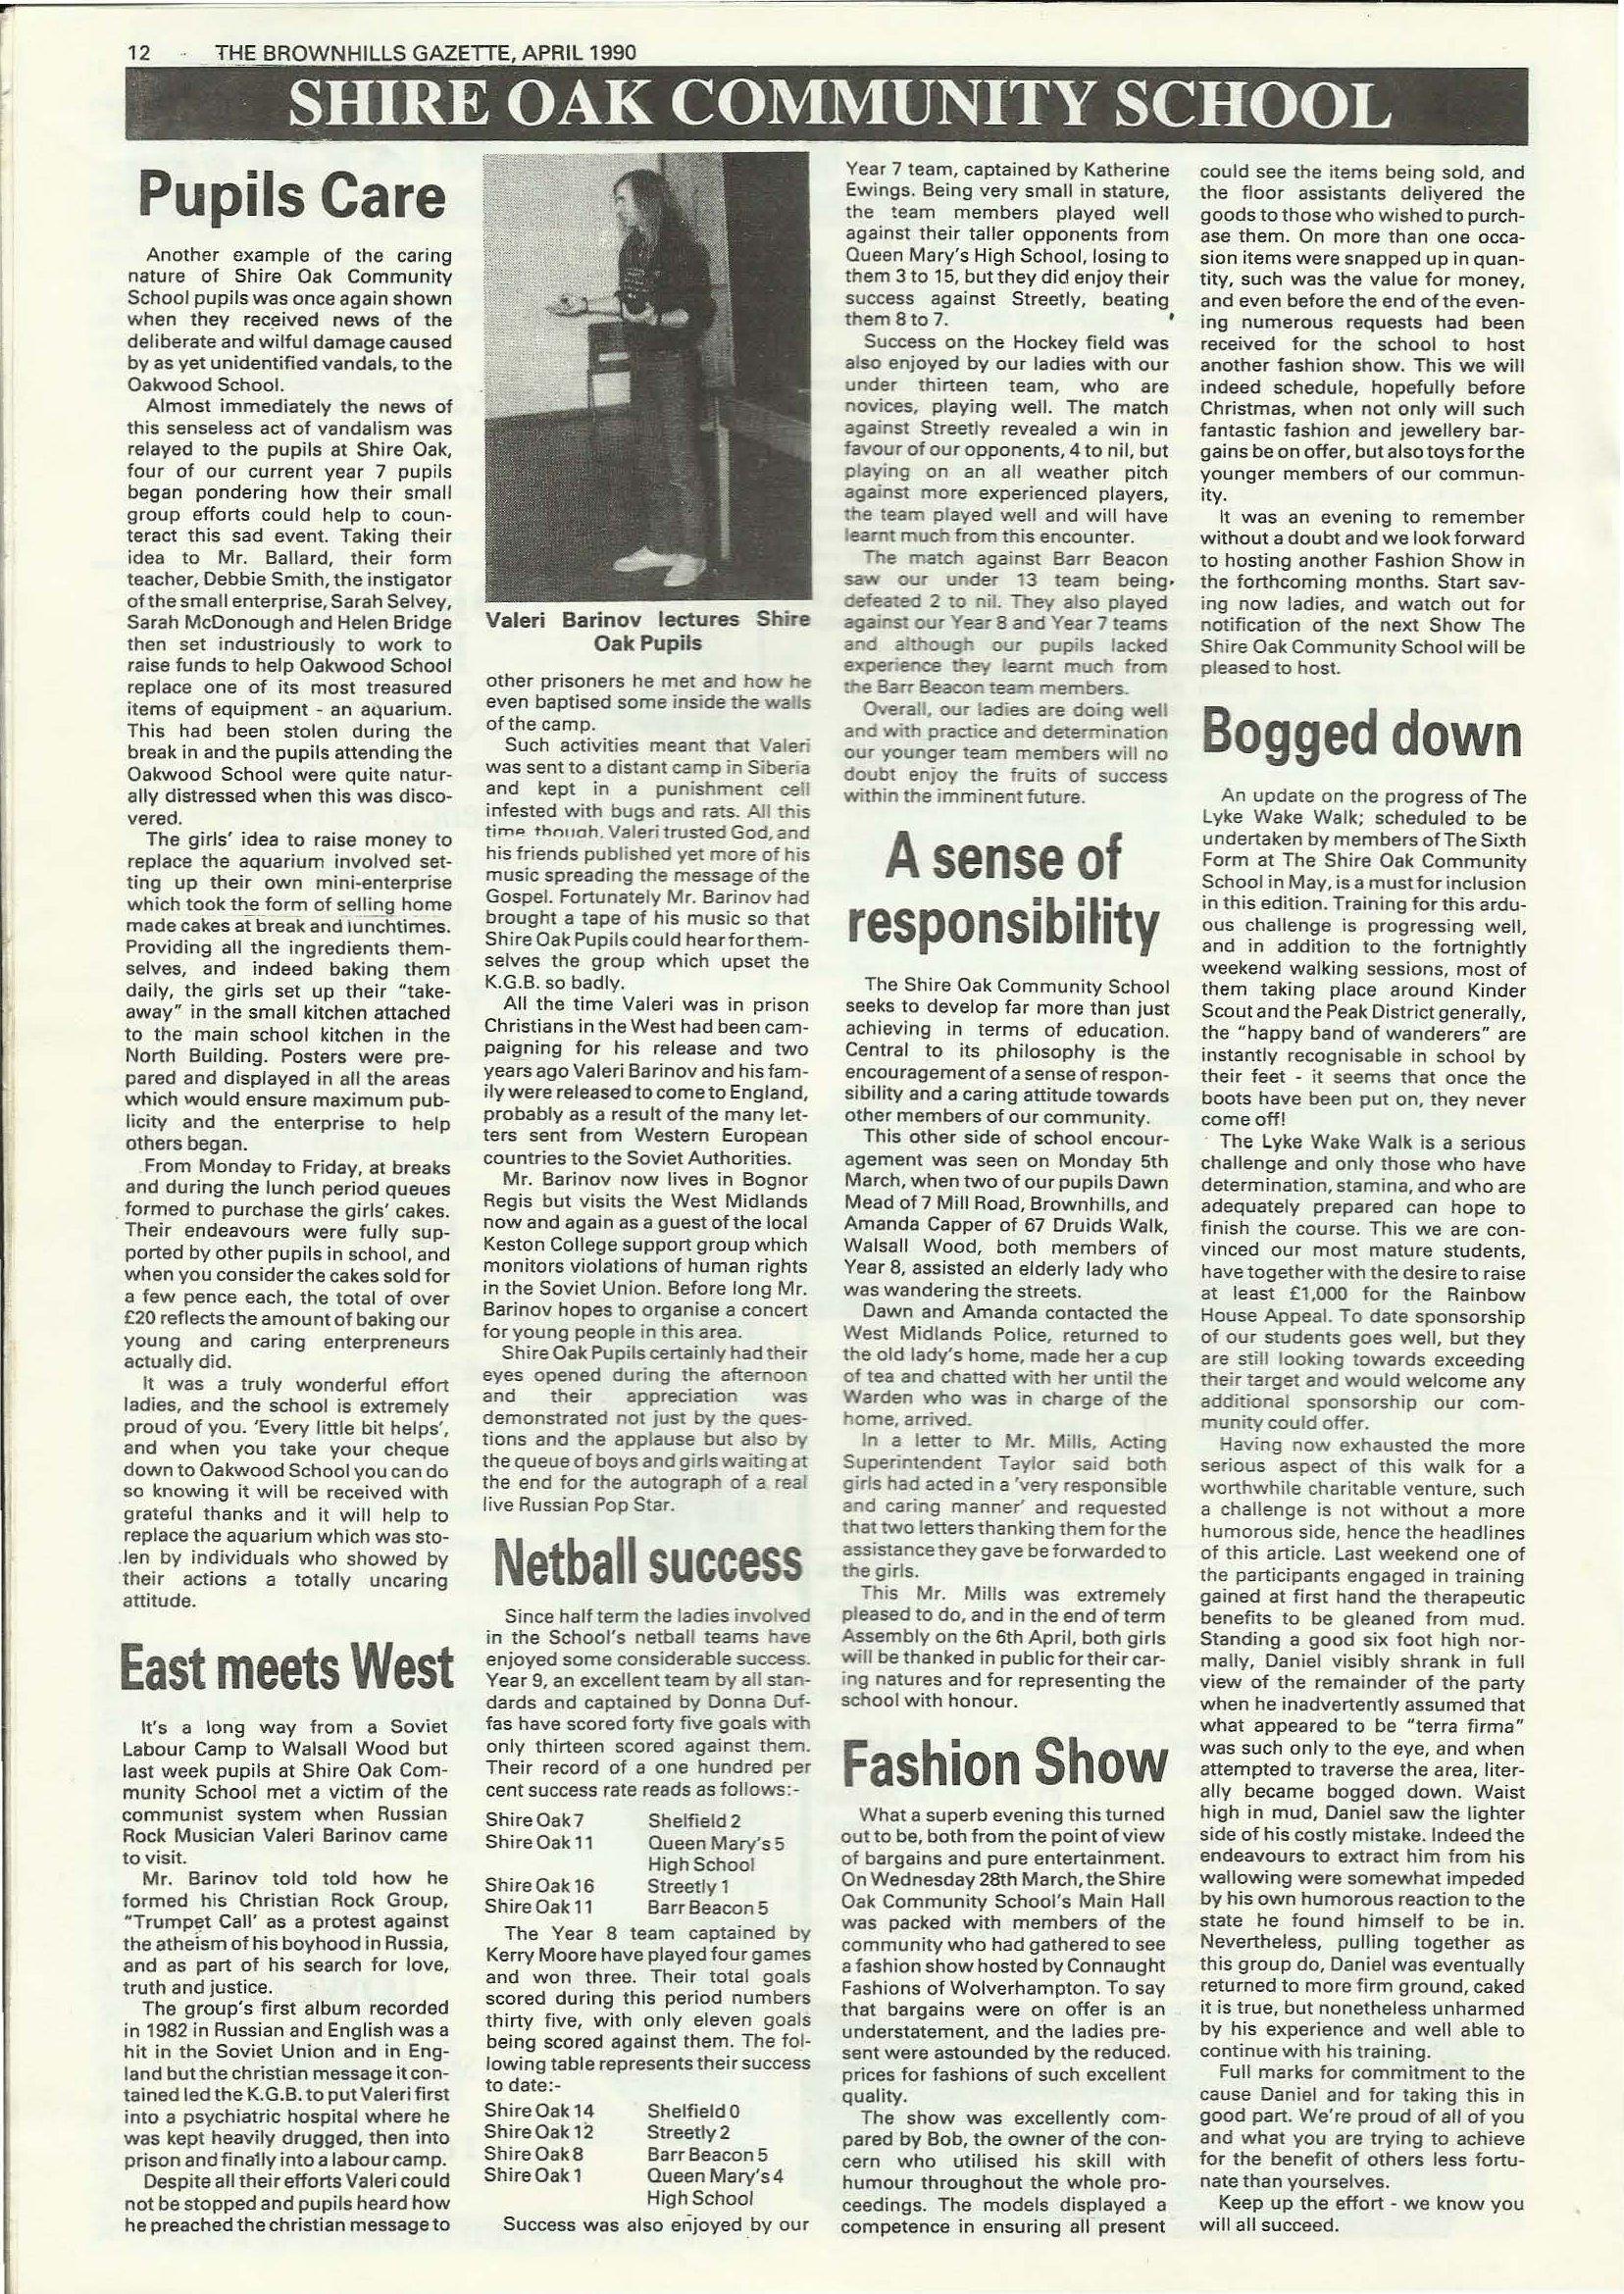 Brownhills Gazette April 1990 issue 7_000012